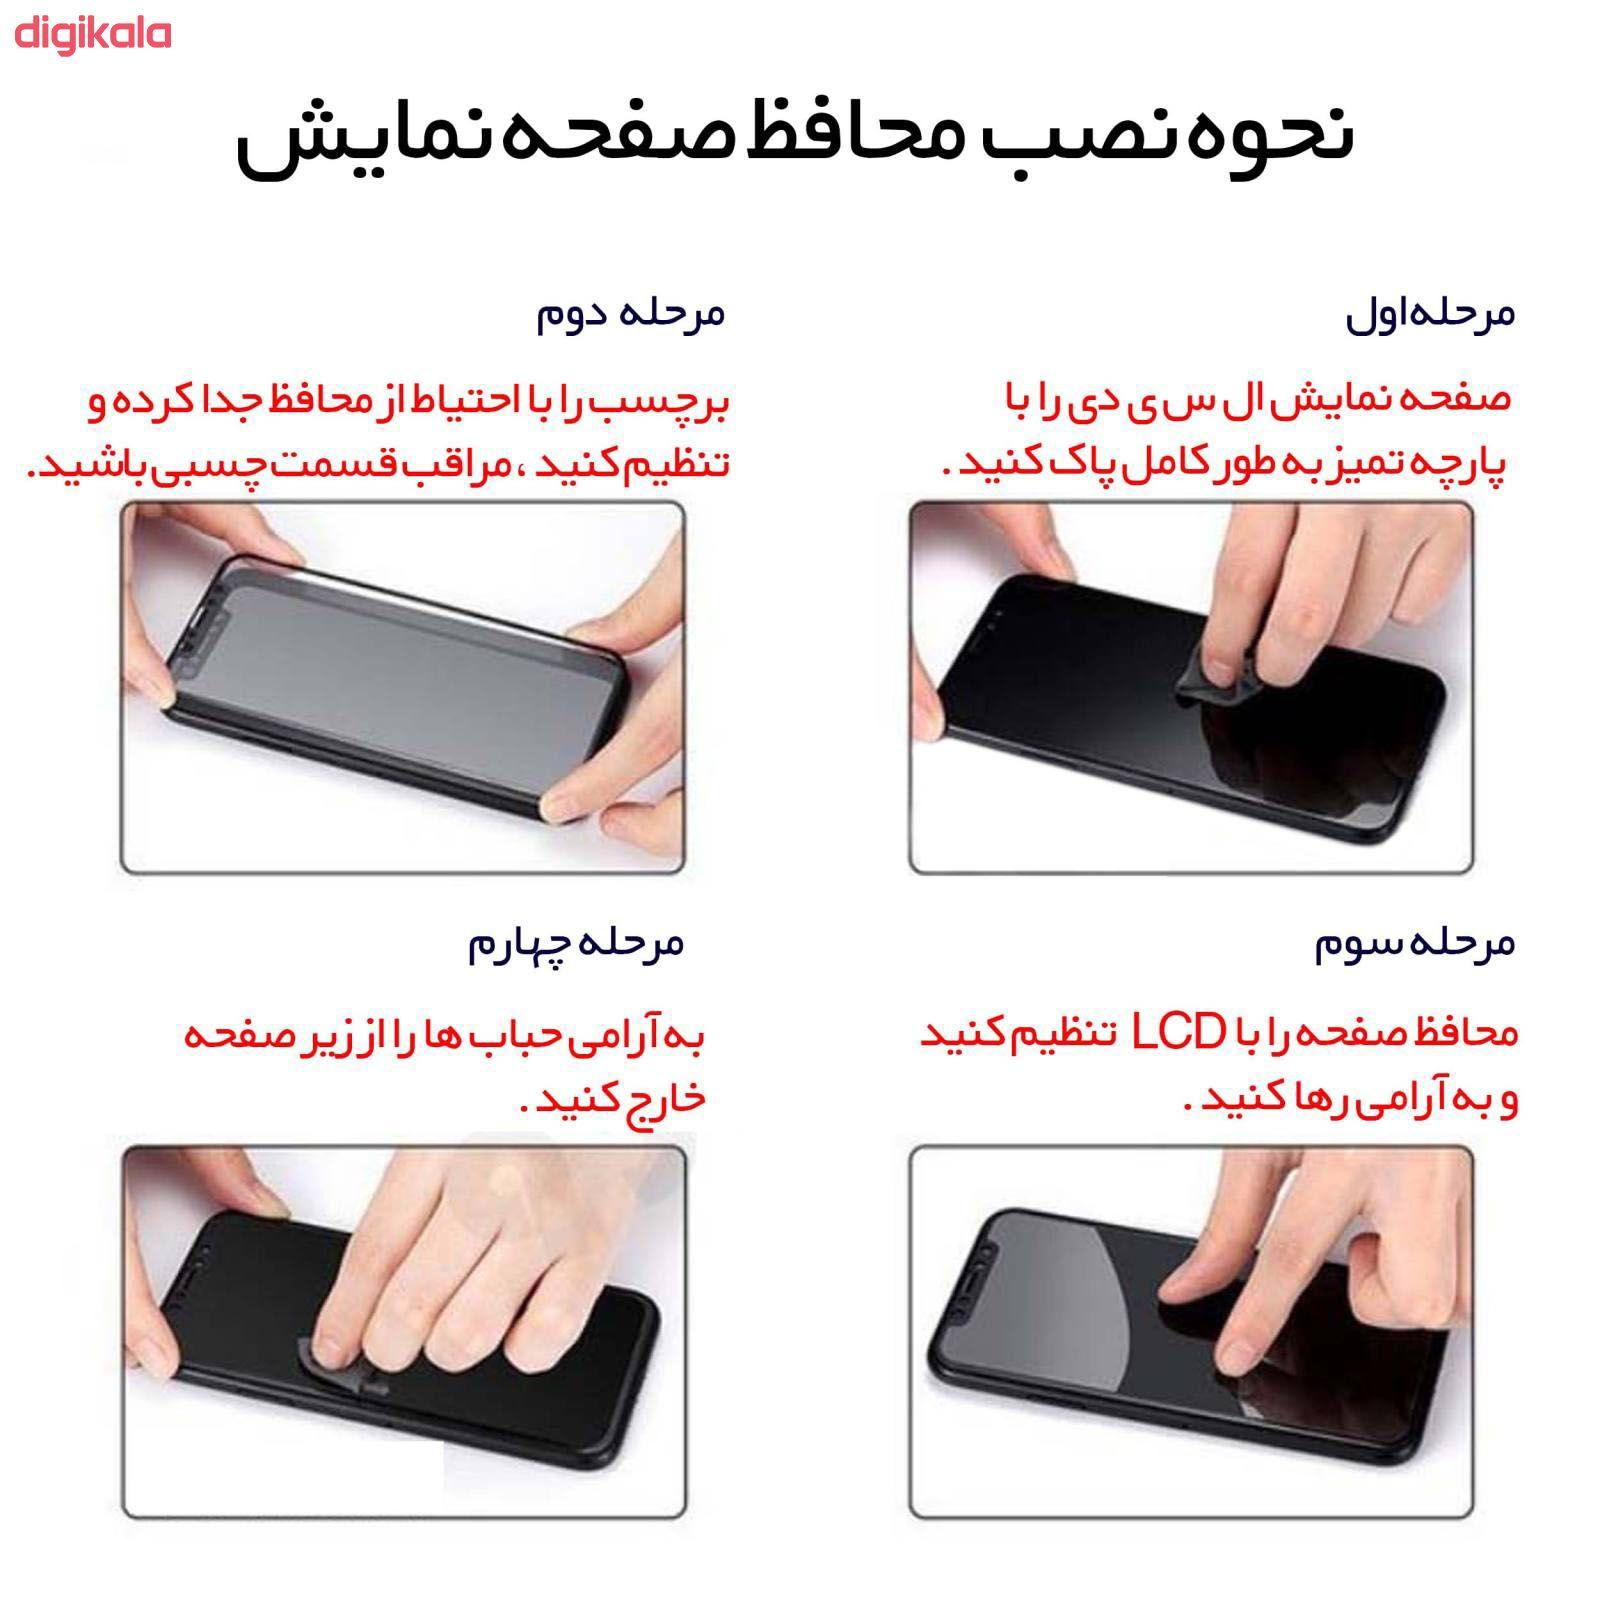 محافظ صفحه نمایش سرامیکی کوالا مدل CER-CL مناسب برای گوشی موبایل سامسونگ Galaxy M31 main 1 3